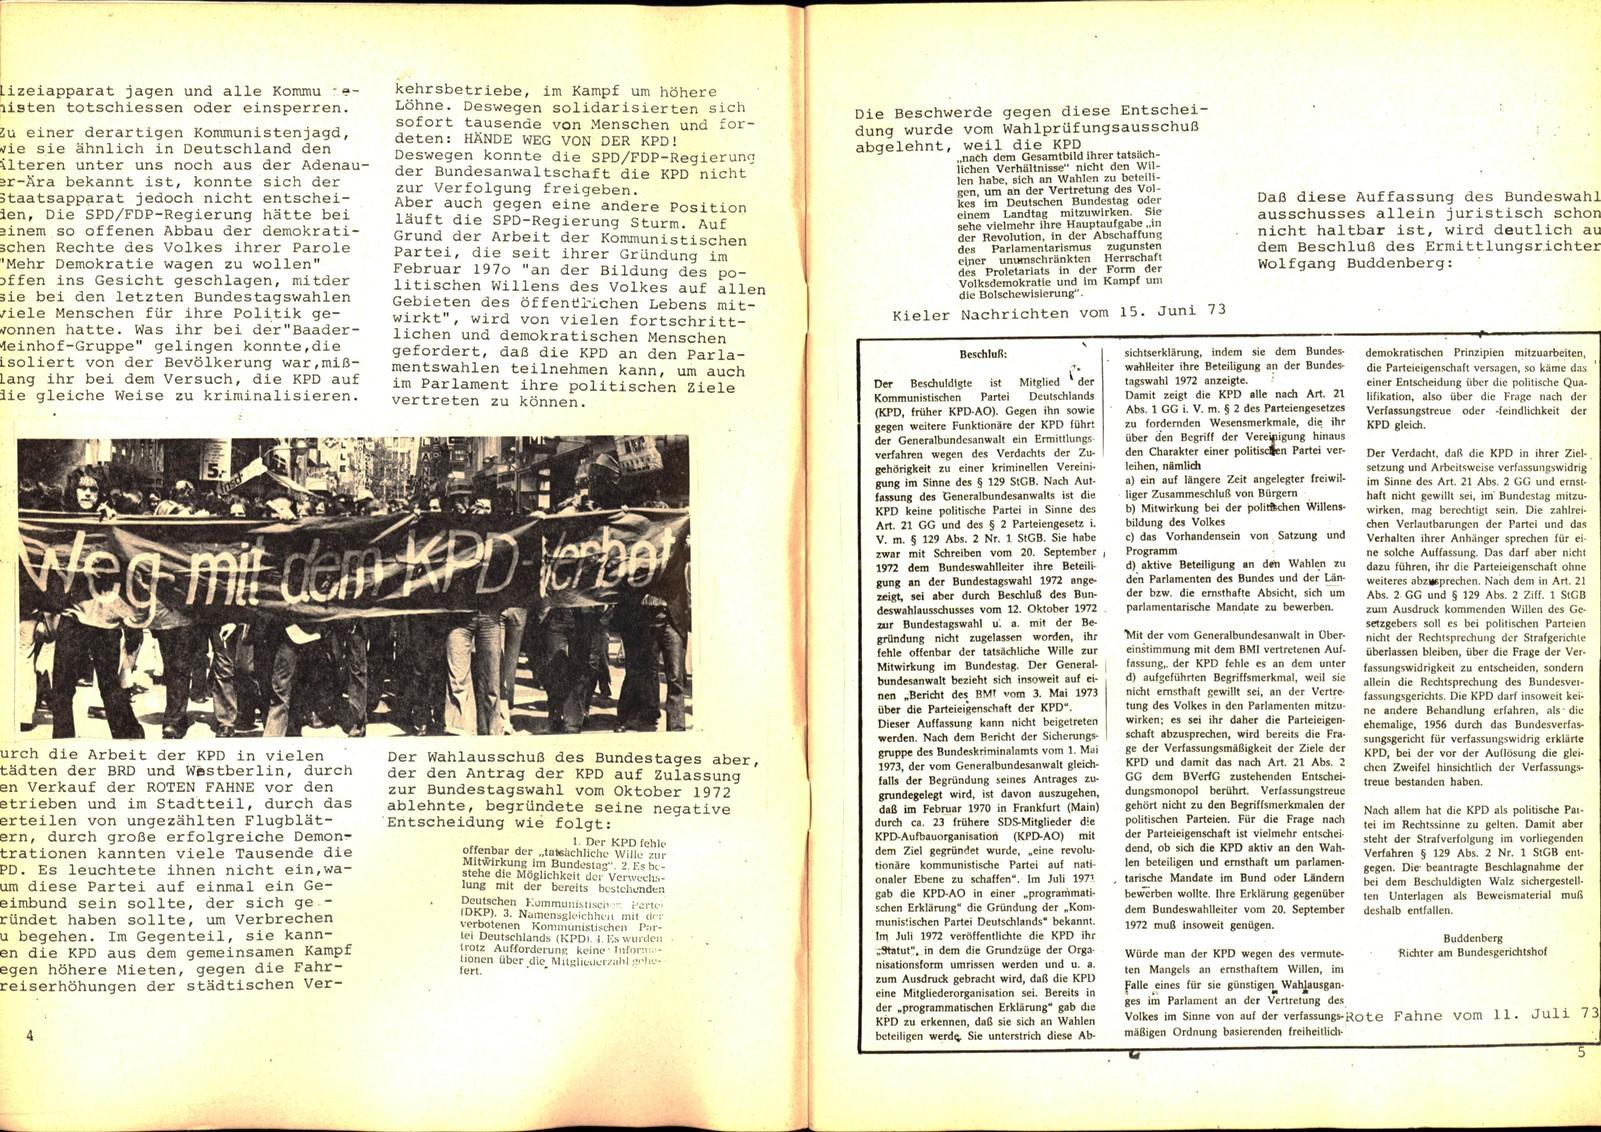 Komitee_Haende_weg_von_der_KPD_1973_Freiheit_fuer_Uli_Kranzusch_04